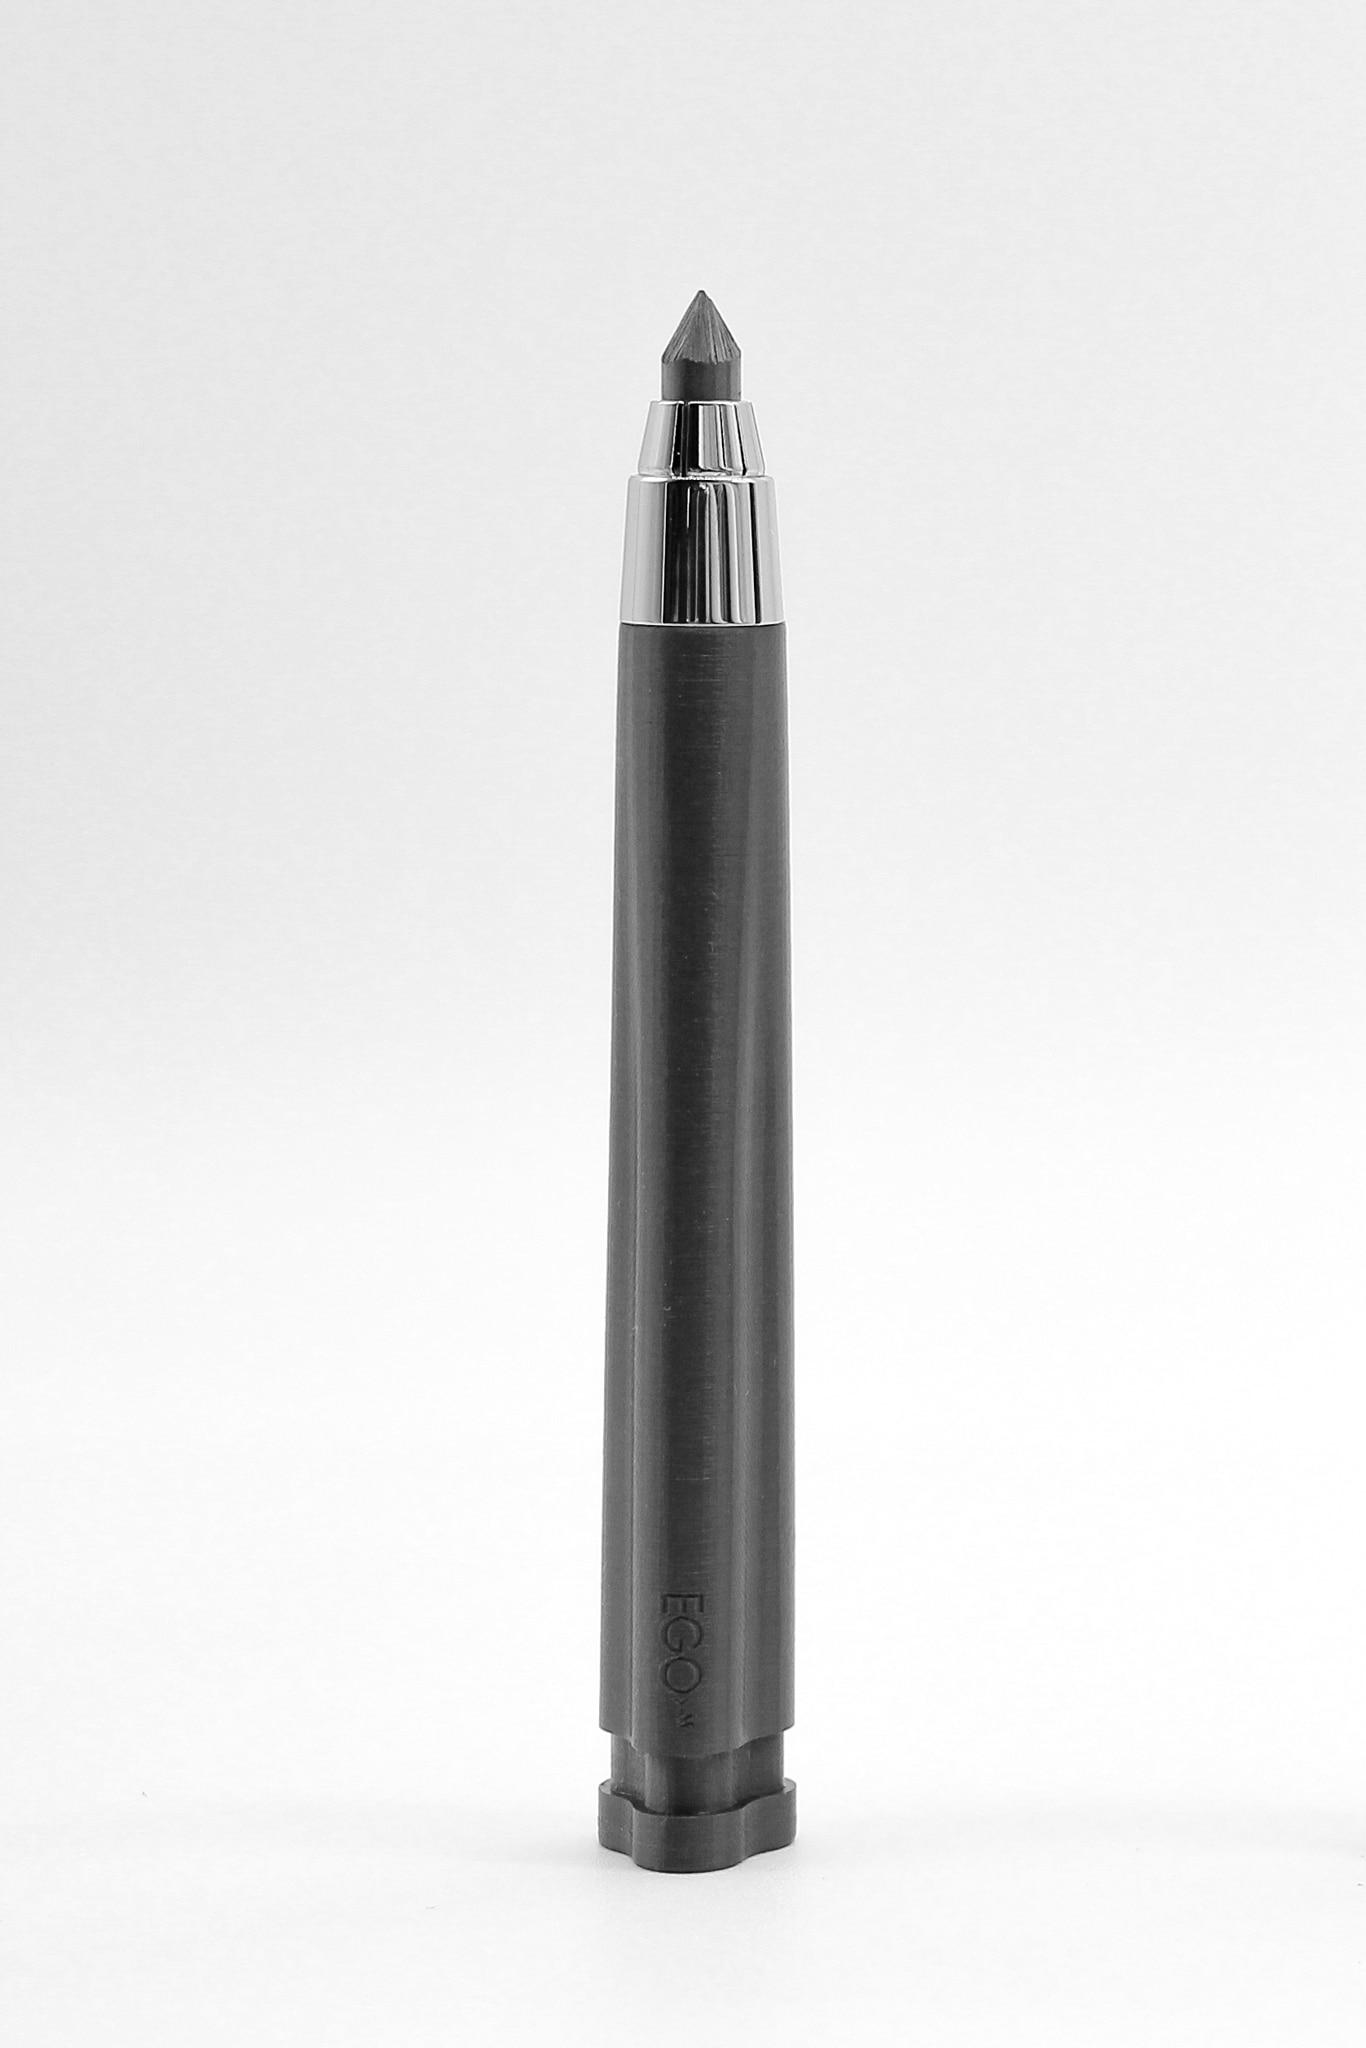 Matita in filamento di grafene Cento3, progetto inedito di Achille Castiglioni con Gianfranco Cavaglià, realizzato con stampante 3D, EGO.M (50 €).